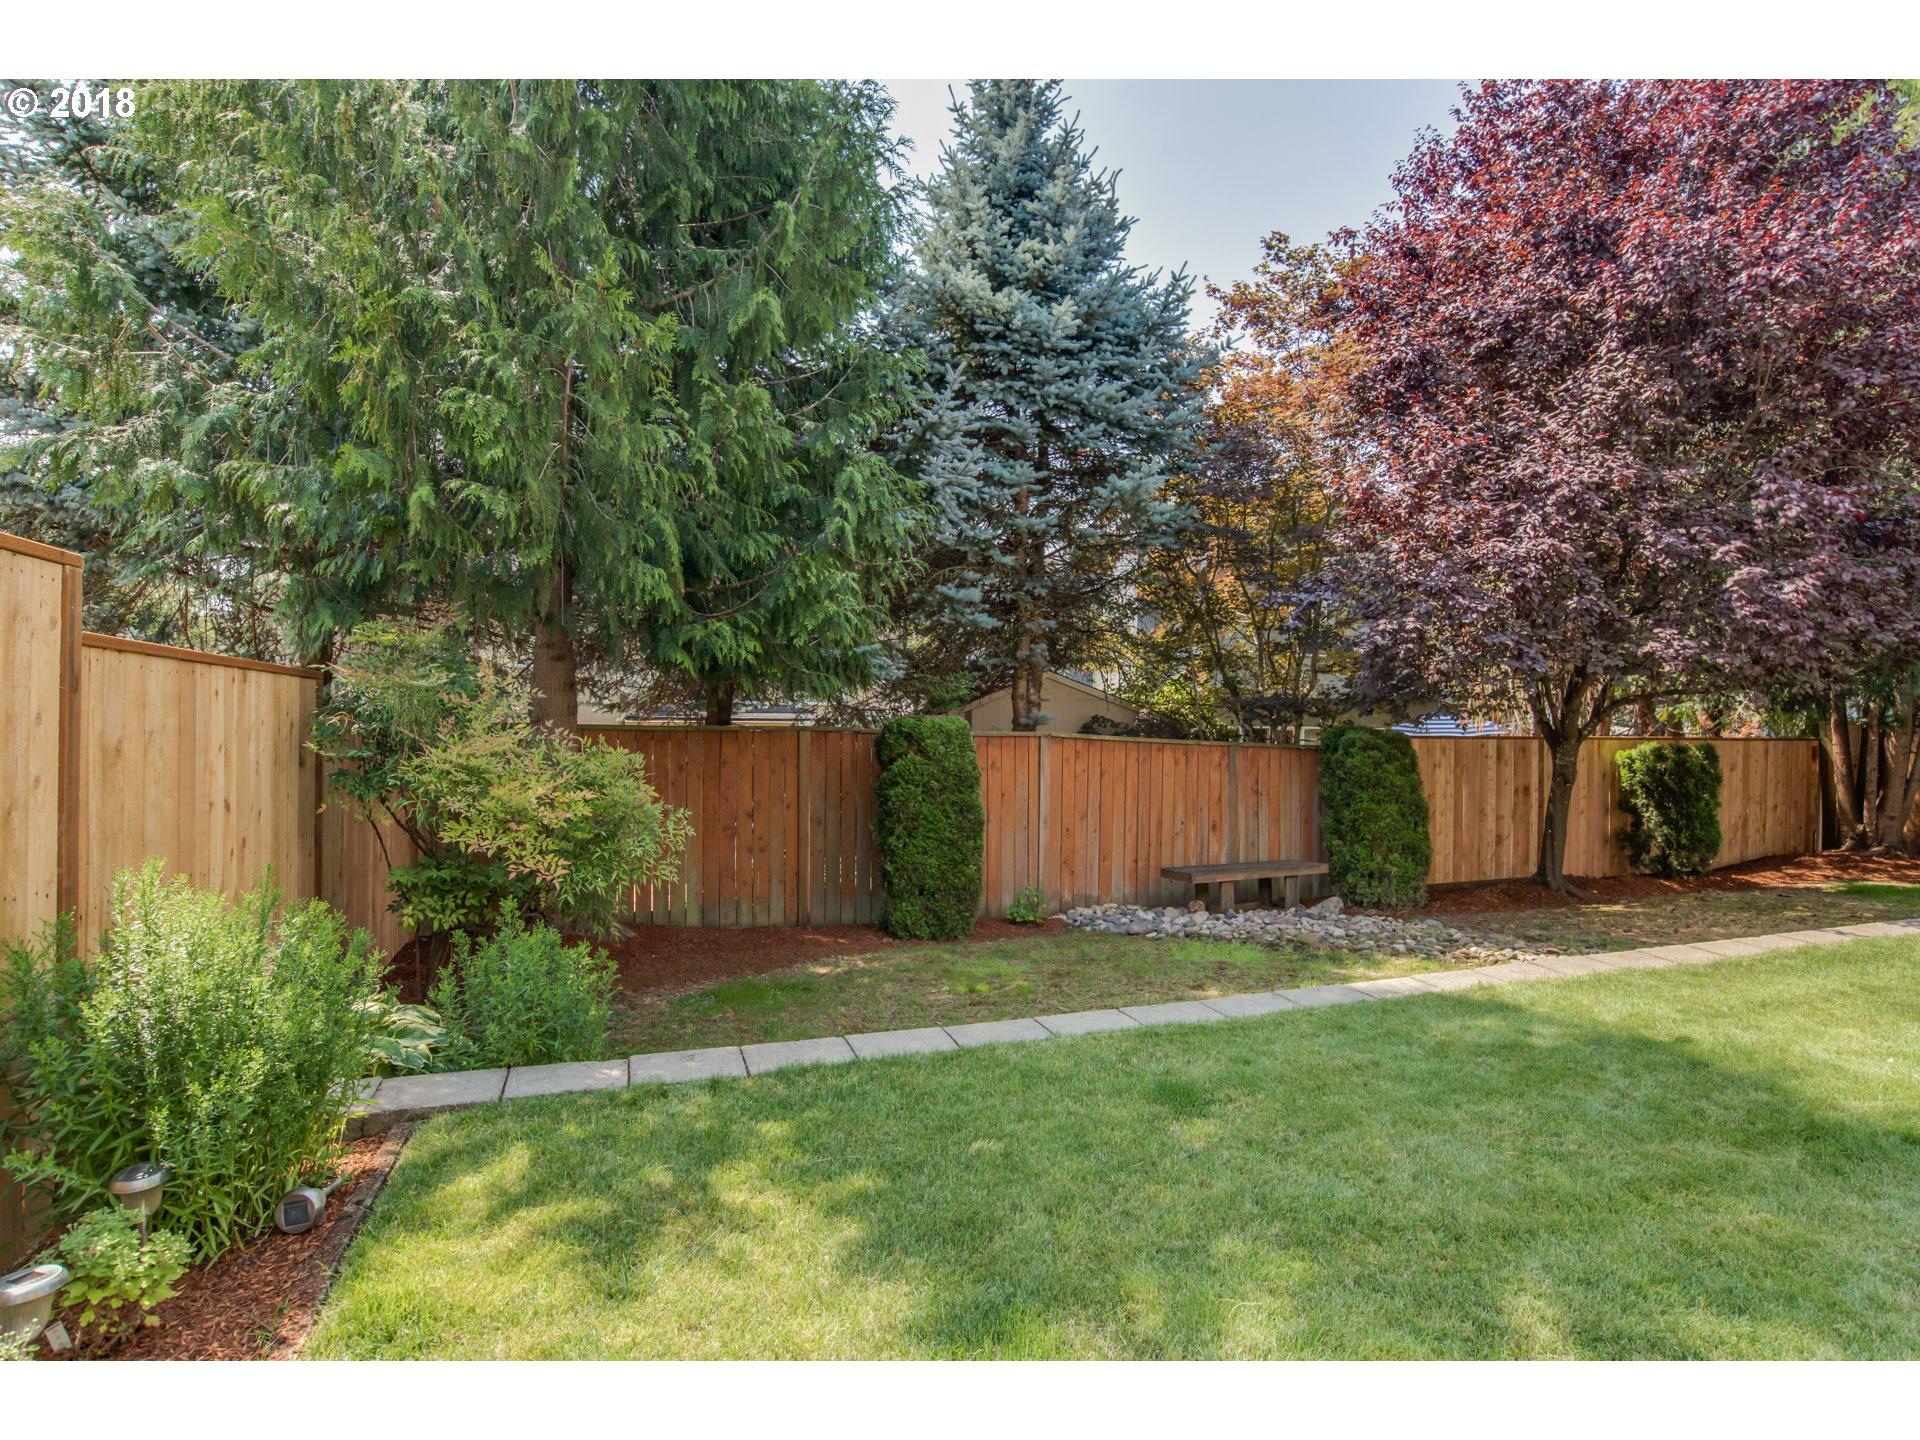 18115 SE 35TH ST Vancouver, WA 98683 - MLS #: 18652104